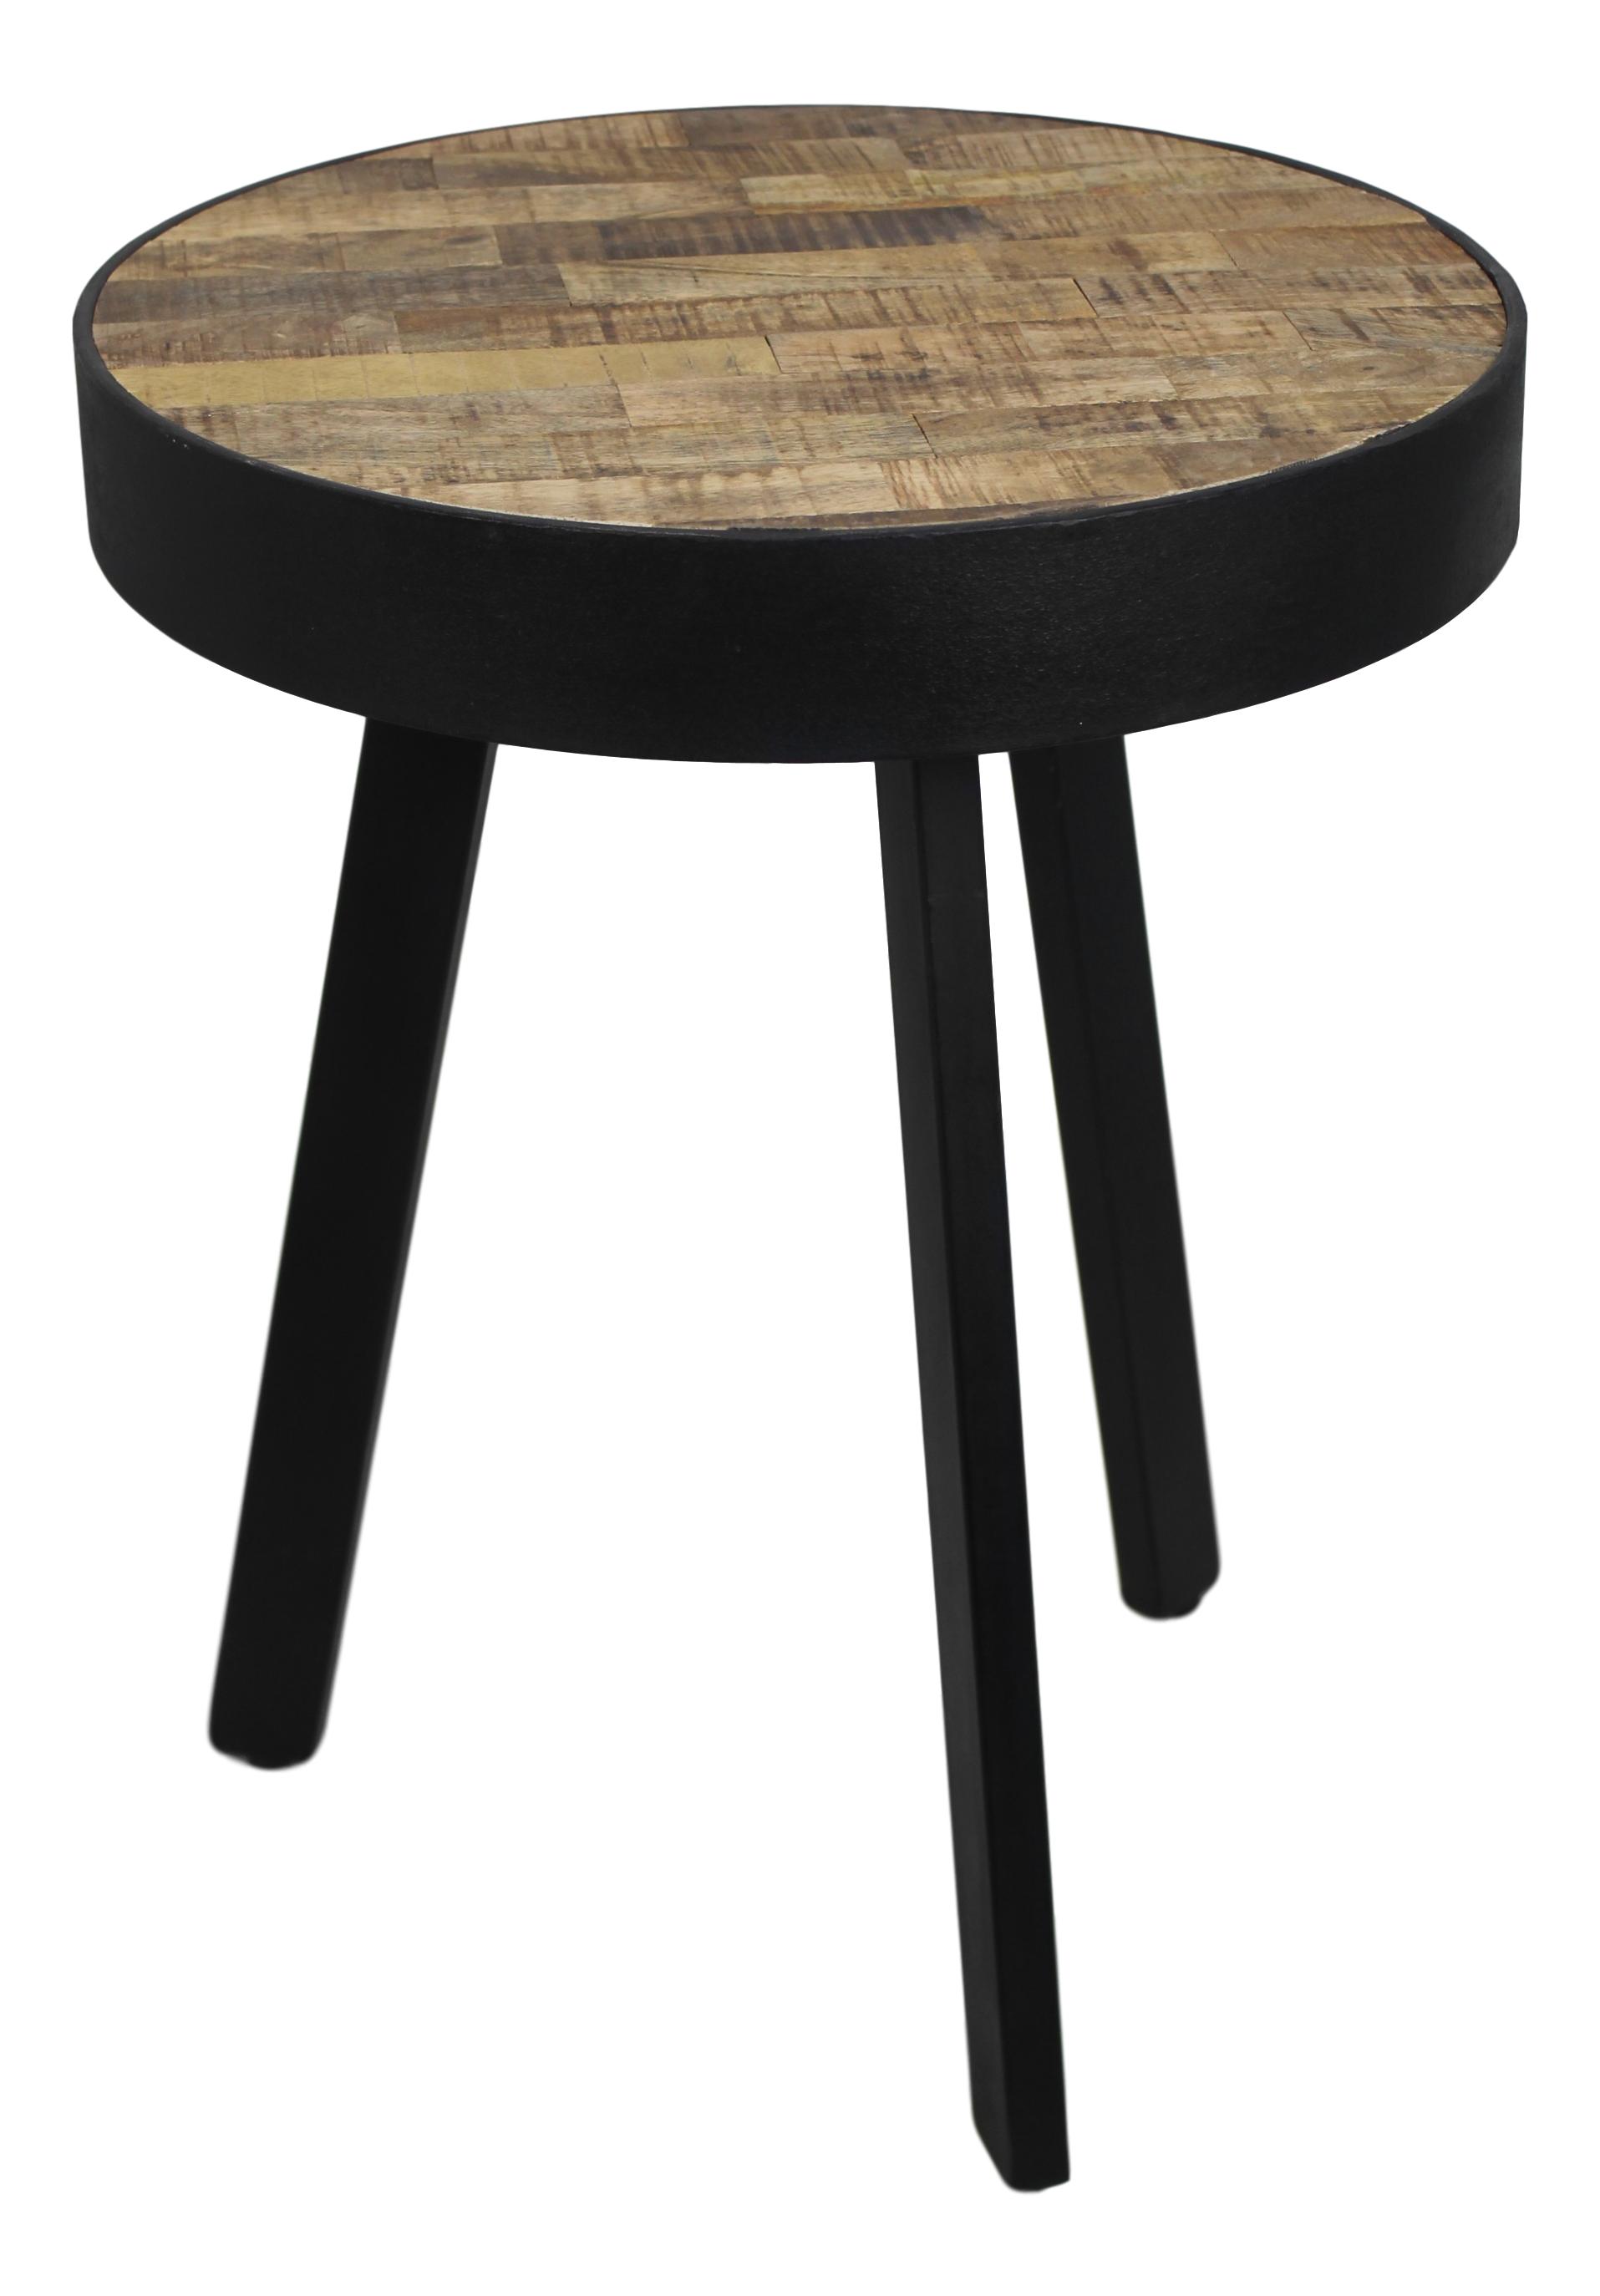 henk_schram_meubelen Table d'appoint Montréal - ø43 cm - bois de mangue / fer